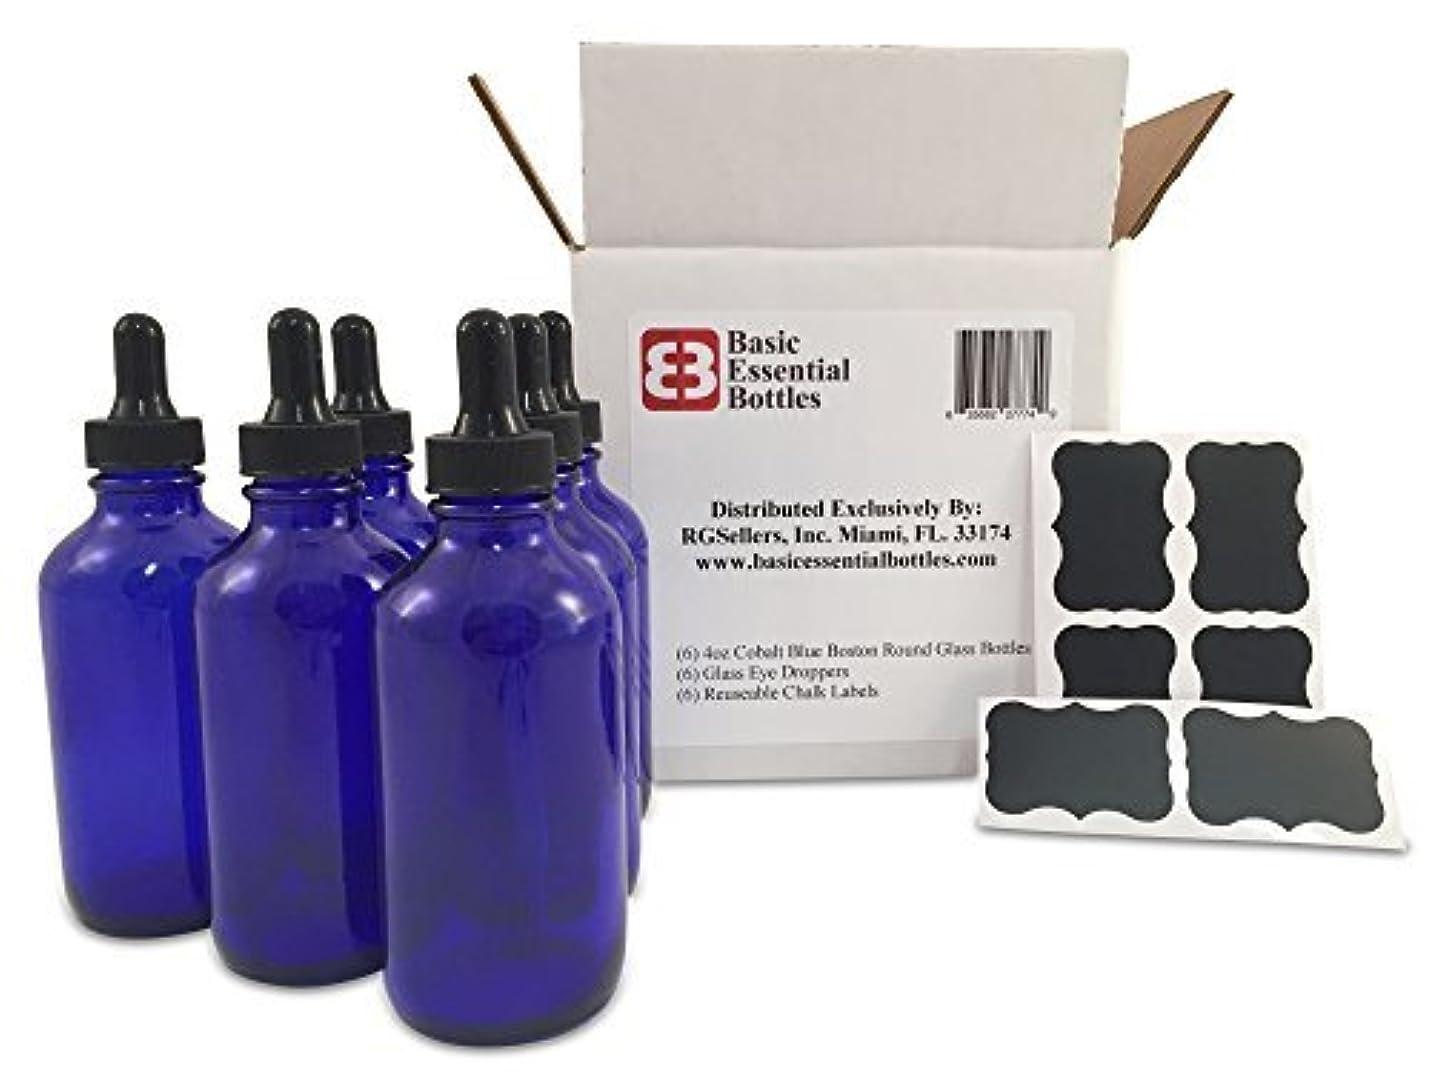 拘束する転倒密輸(6) 4 oz Empty Cobalt Blue Glass Bottles W/Glass Eye Droppers and (6) Chalk Labels for Essential Oils, Aromatherapy...